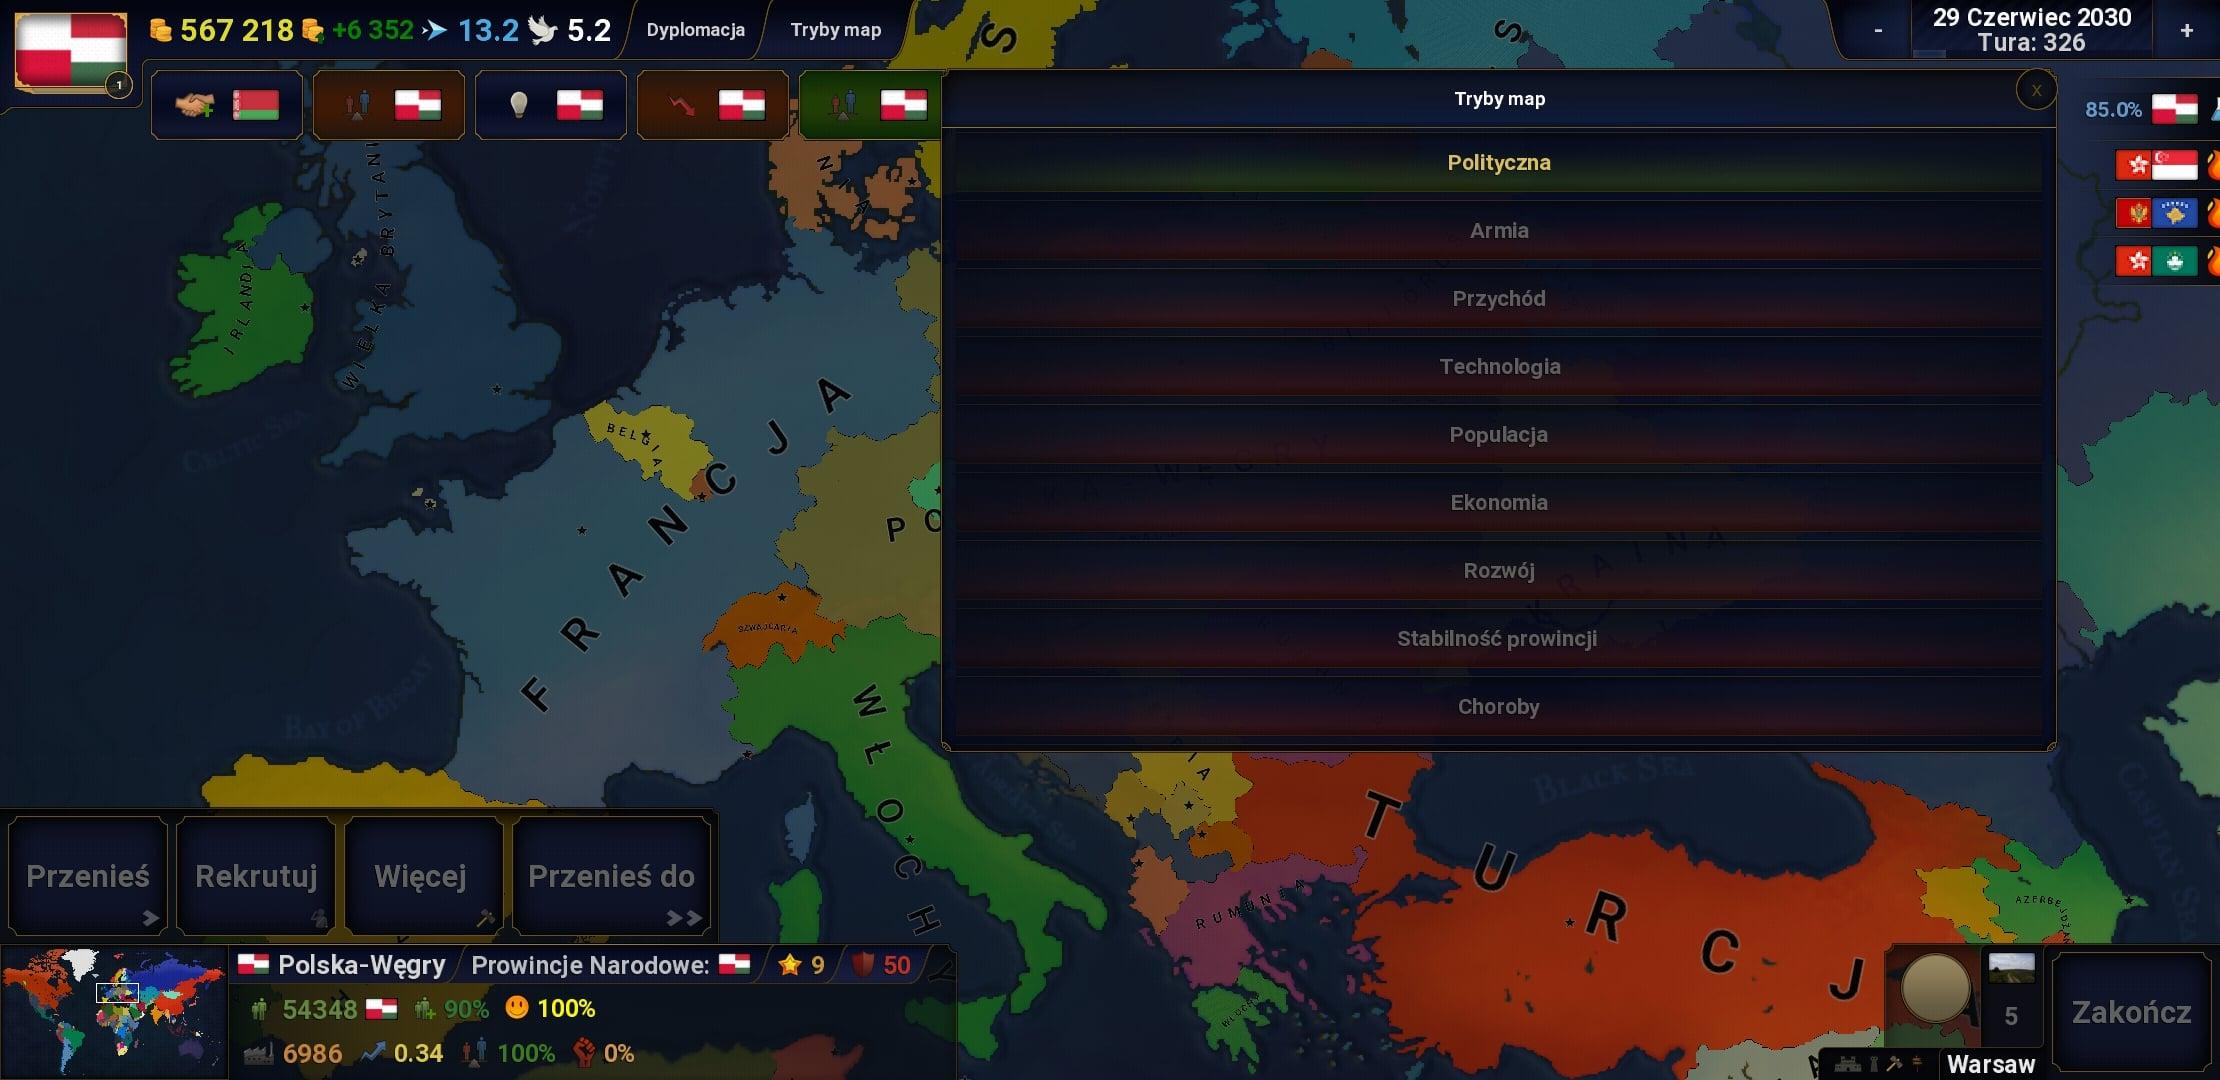 Tabletowo.pl Age of Civilizations 2 - recenzja świetnej strategii made in Poland Android Gry Opinie Recenzje Aplikacji/Gier